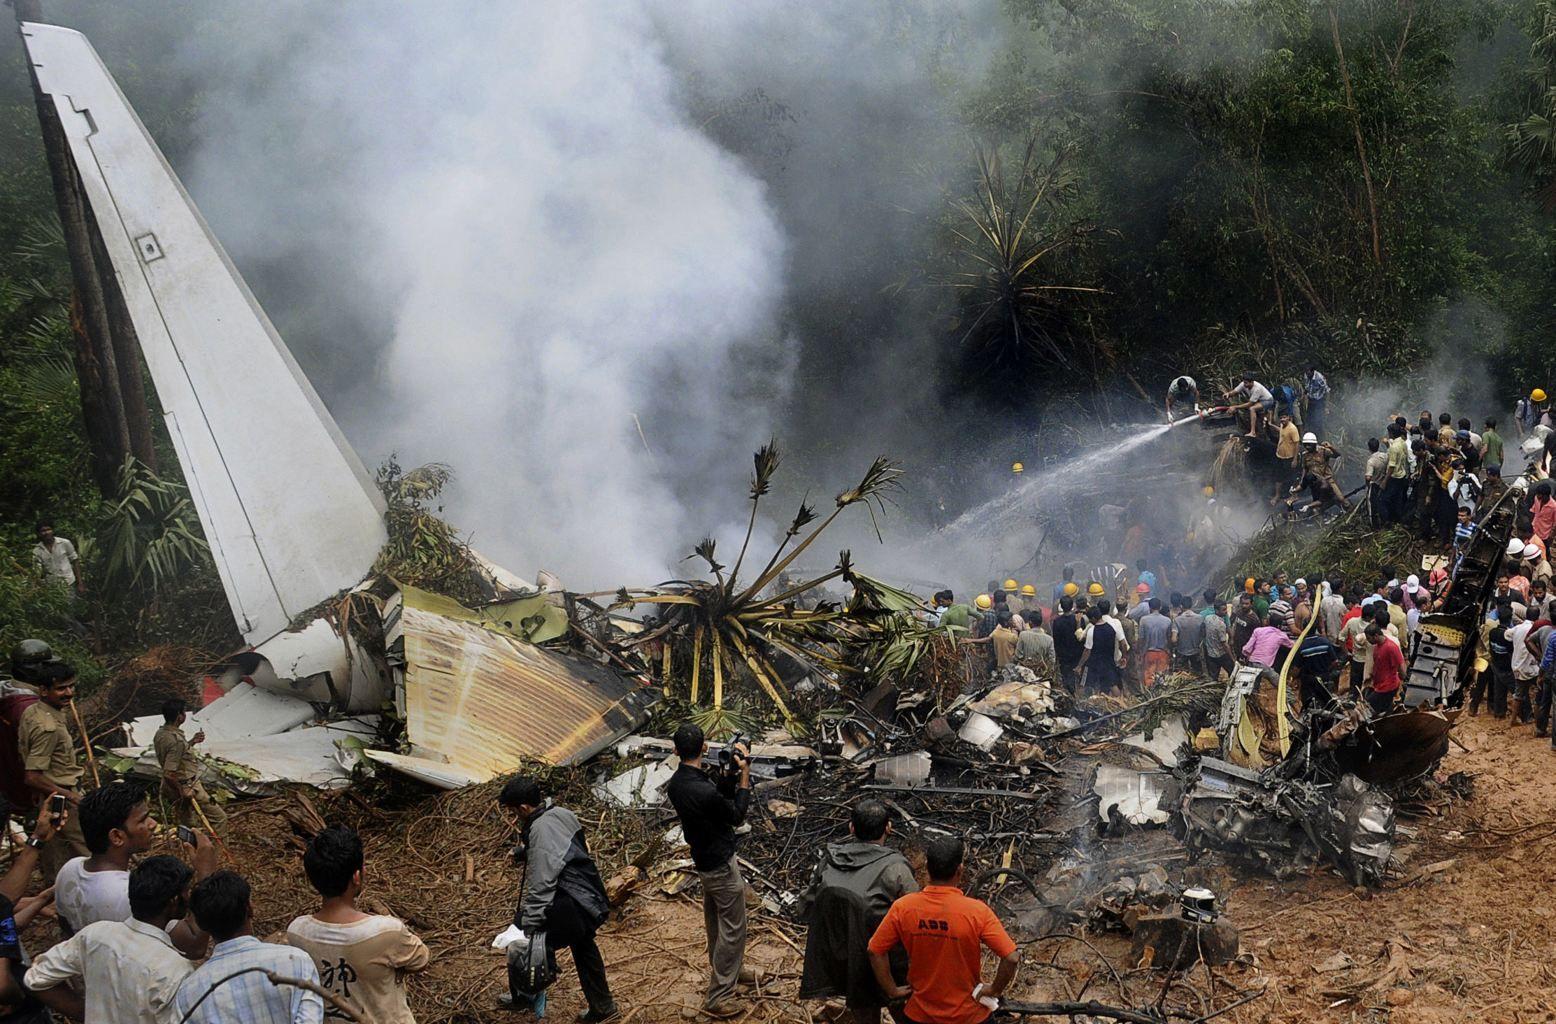 Air India Express Flight 812 Air india express, Air